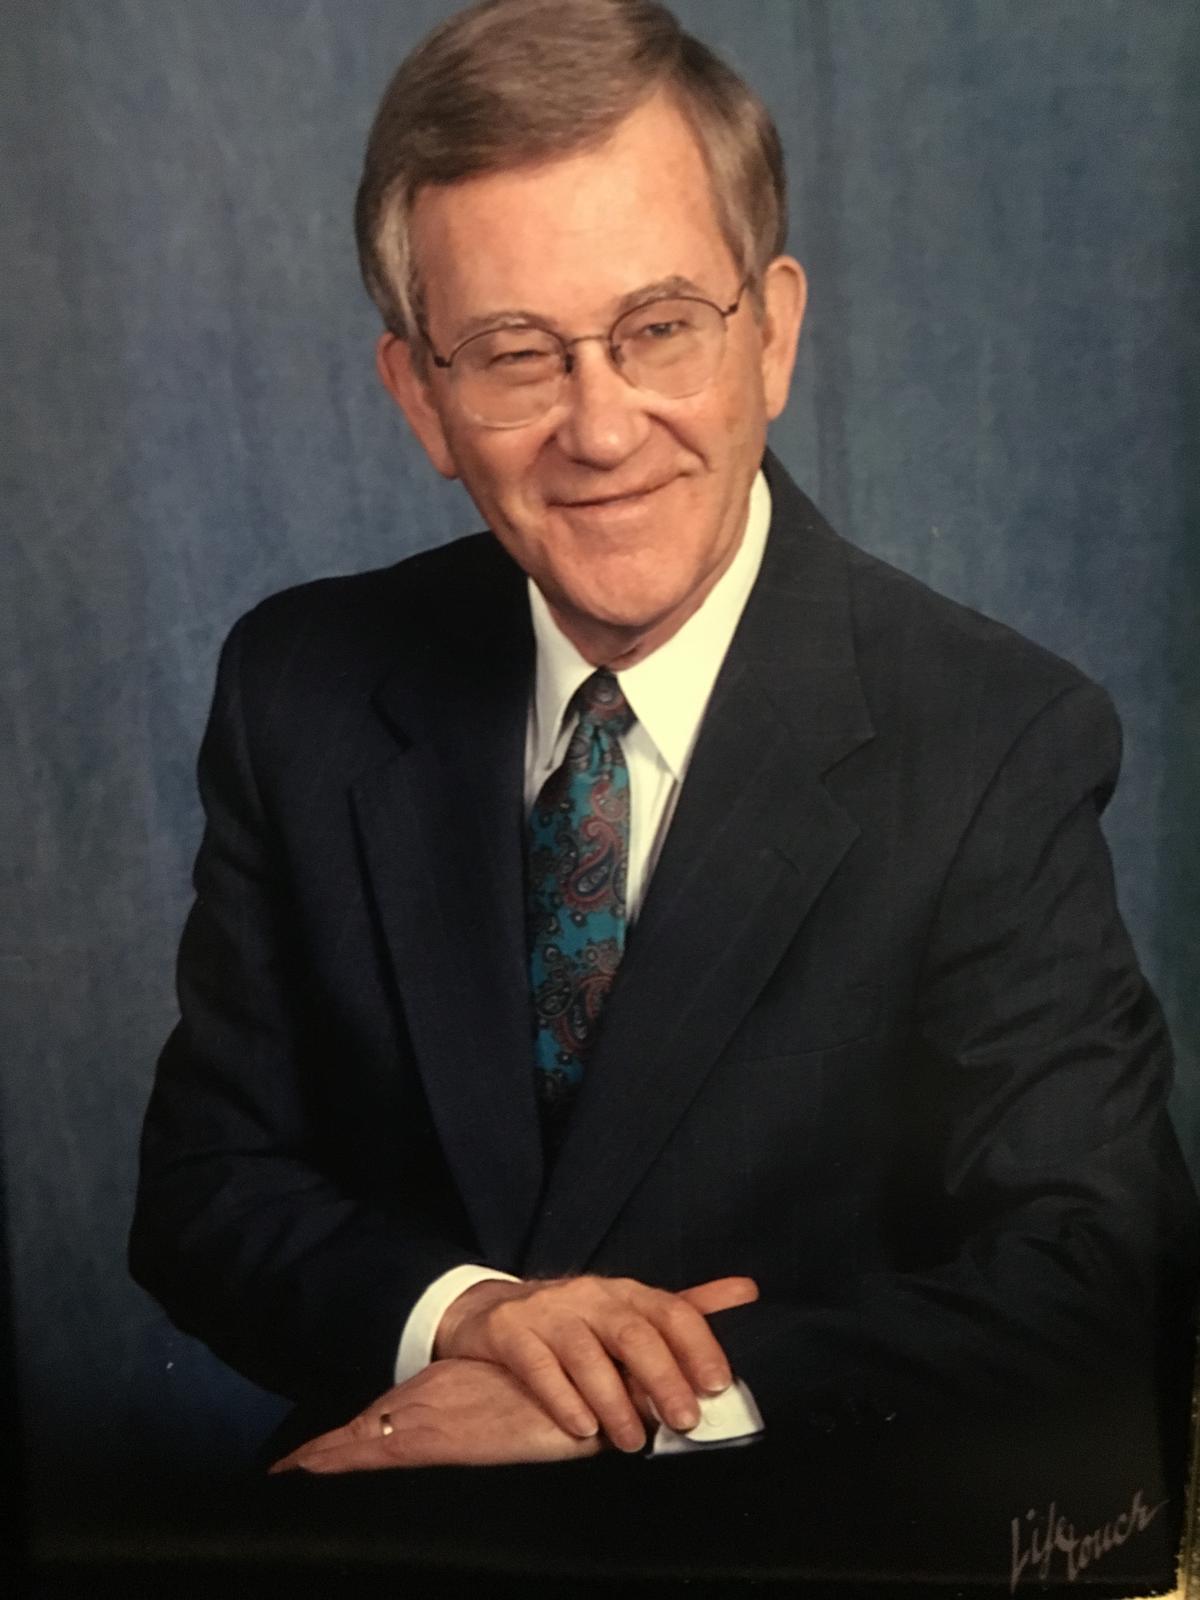 John Haywood Evans Jr